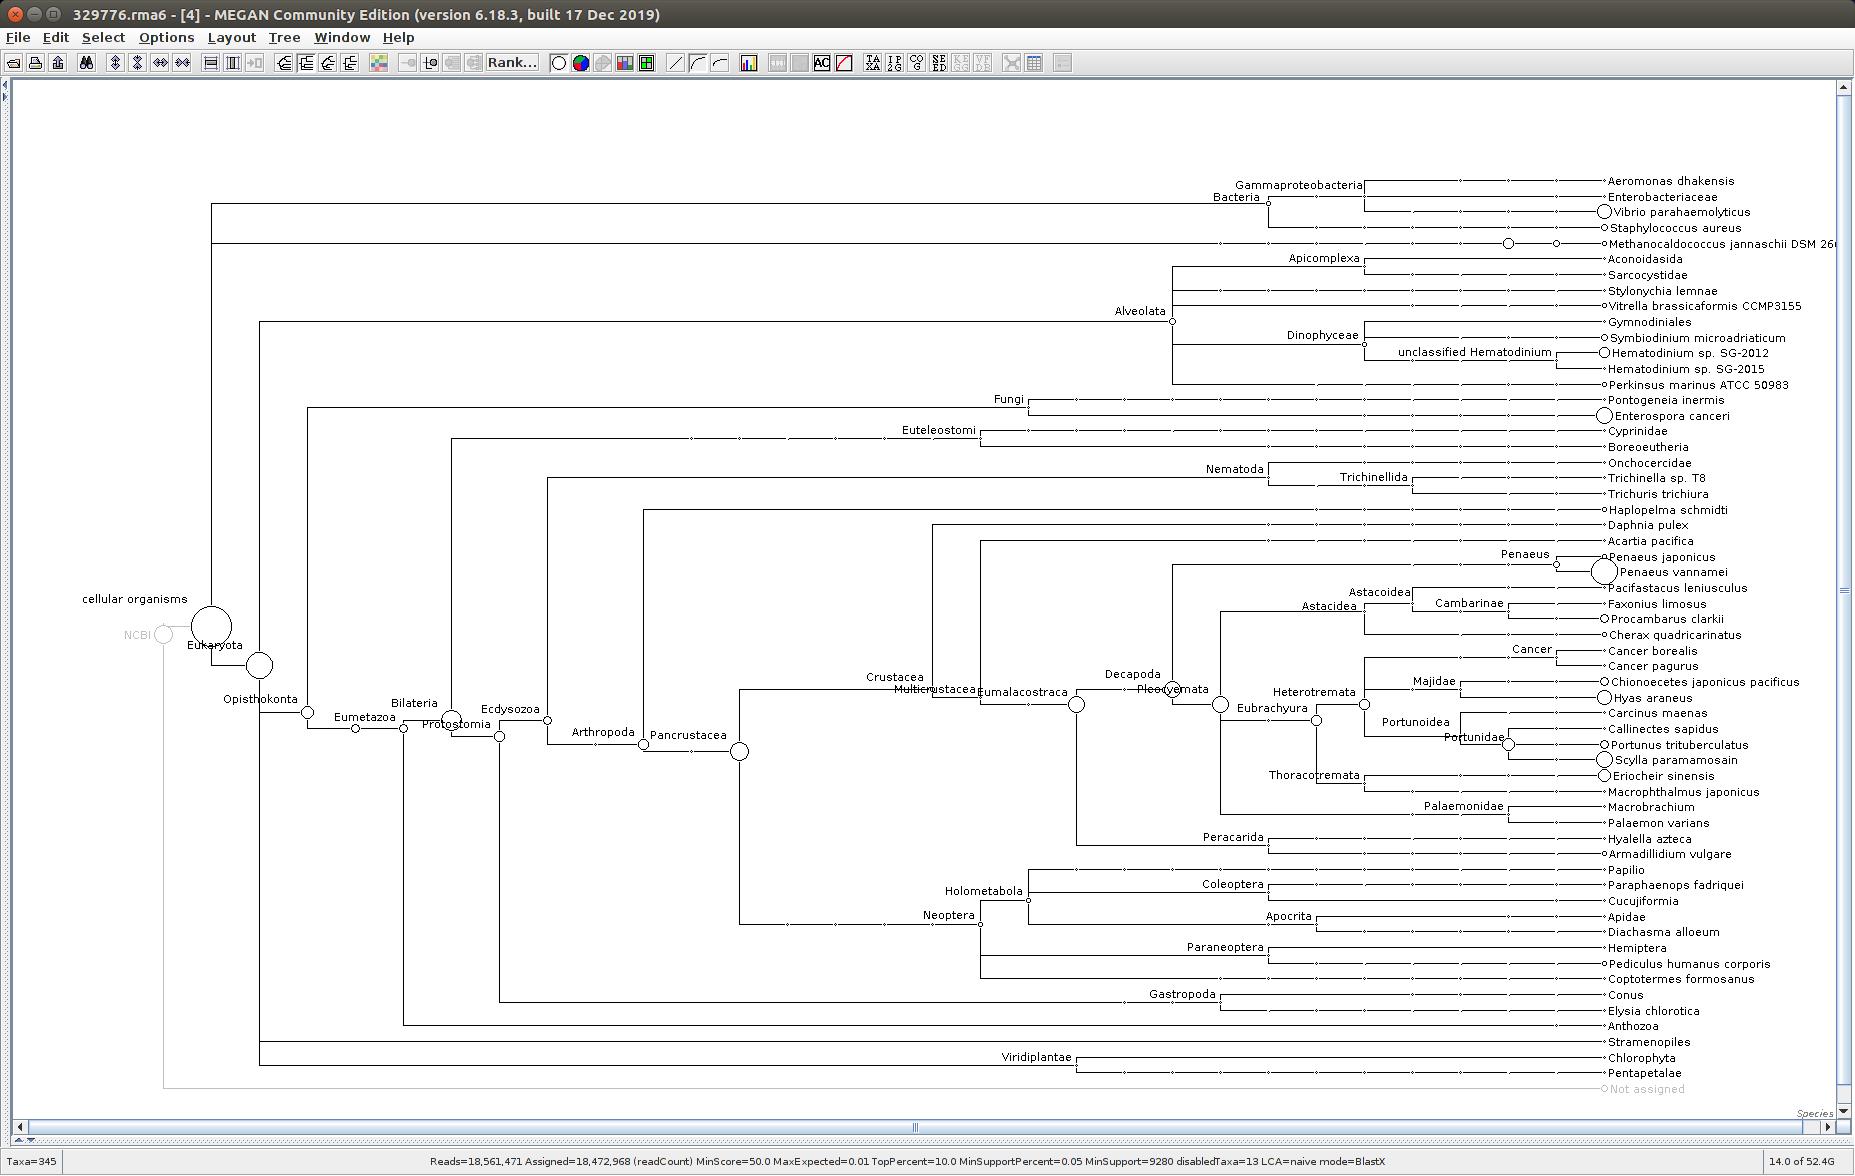 329776 MEGAN6 taxonomic tree